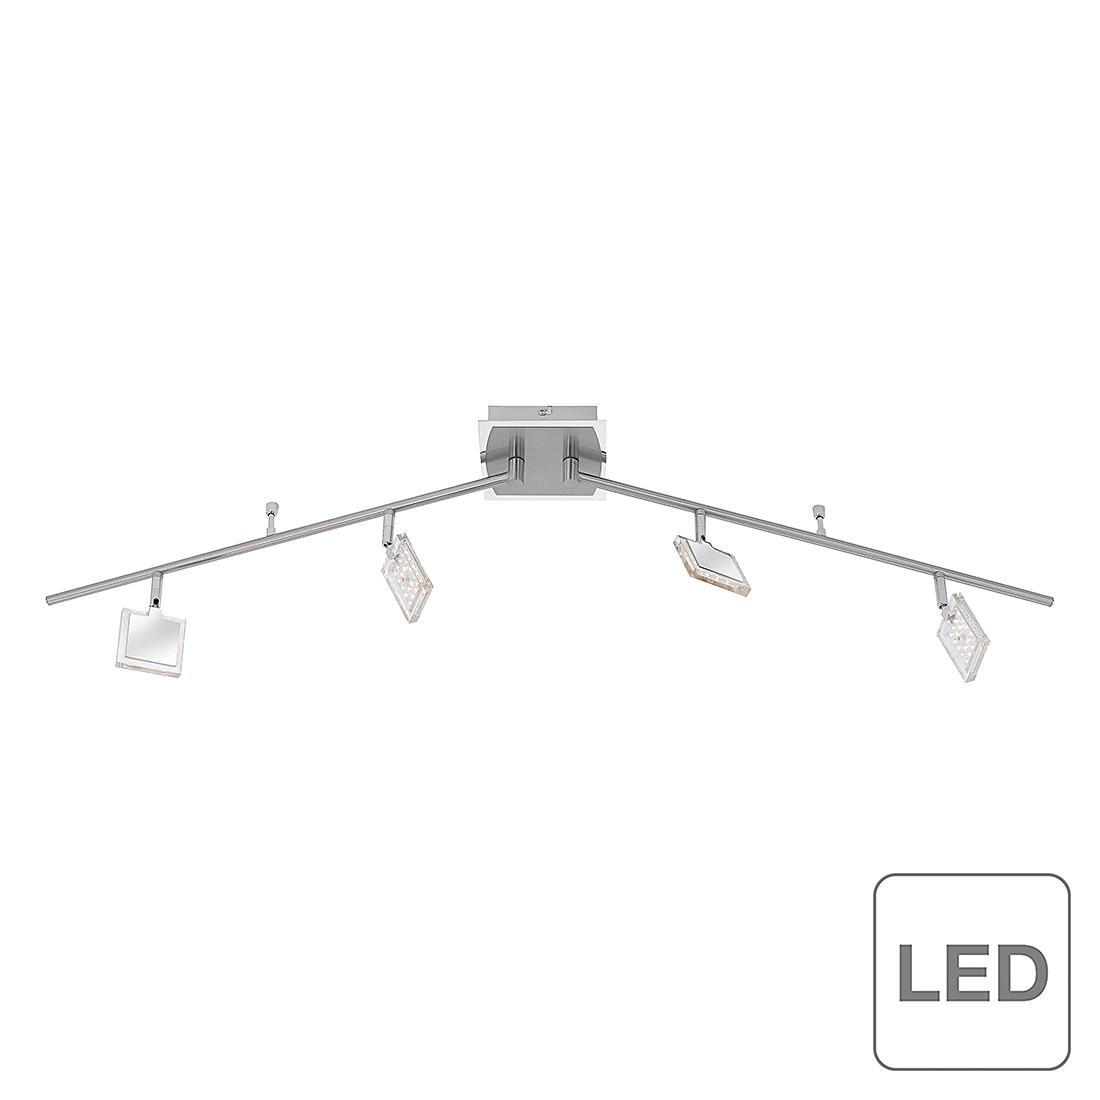 LED-Deckenleuchte Daan ● Metall ● Silber- Paul Neuhaus A+